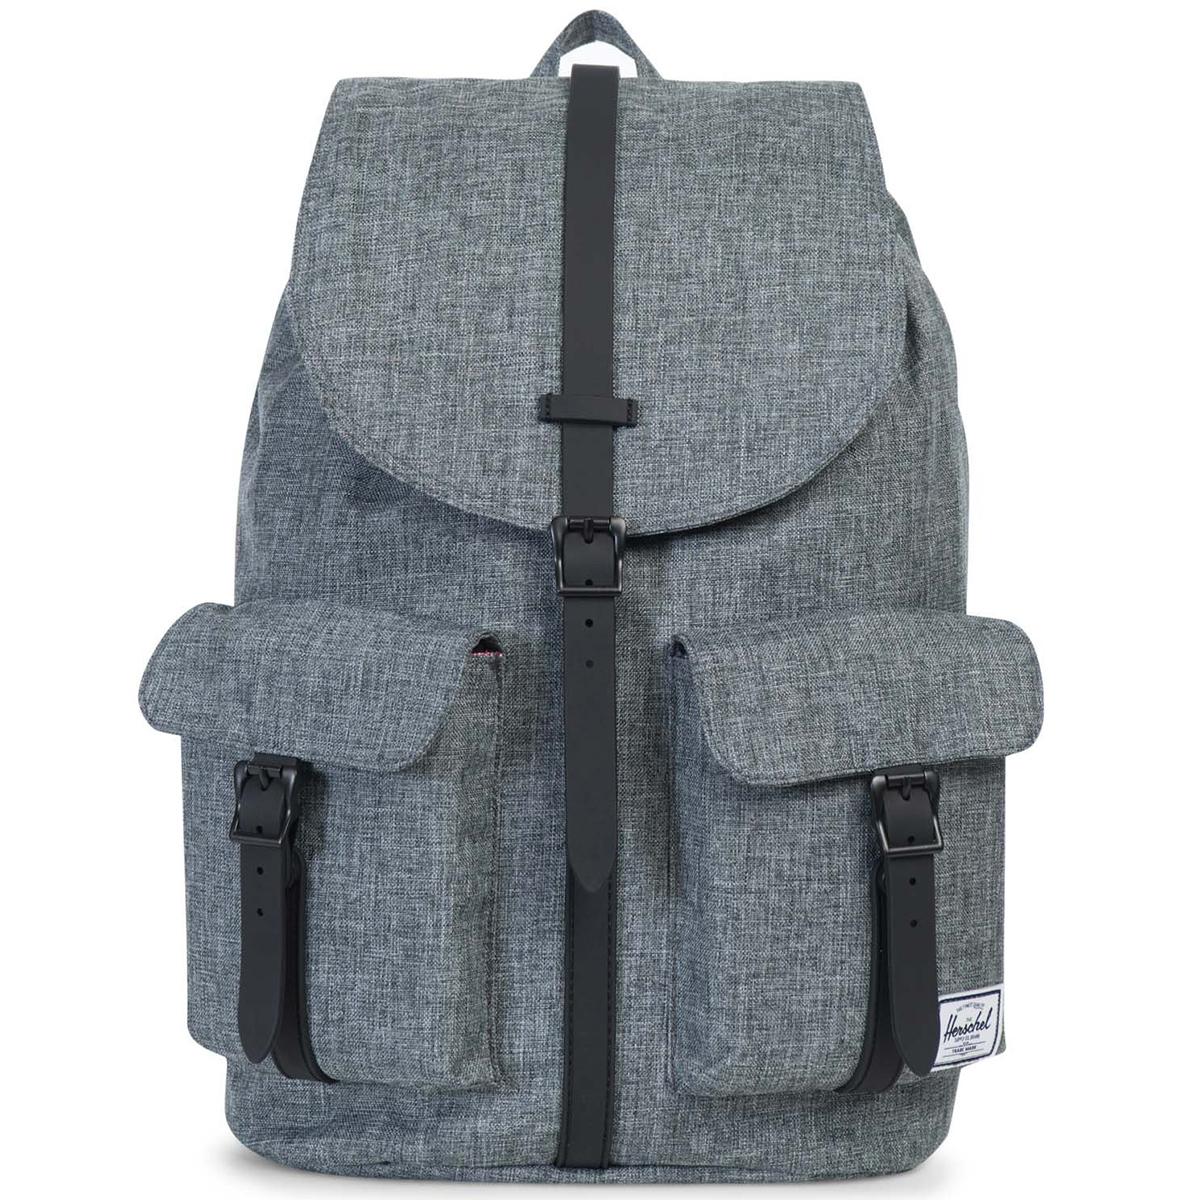 Рюкзак городской Herschel Dawson (A/S), цвет: темно-серый. 828432092246ГризлиРюкзак Herschel Dawson ™ функциональный и вместительный, создан для разведки. Удобные внешние карманы.